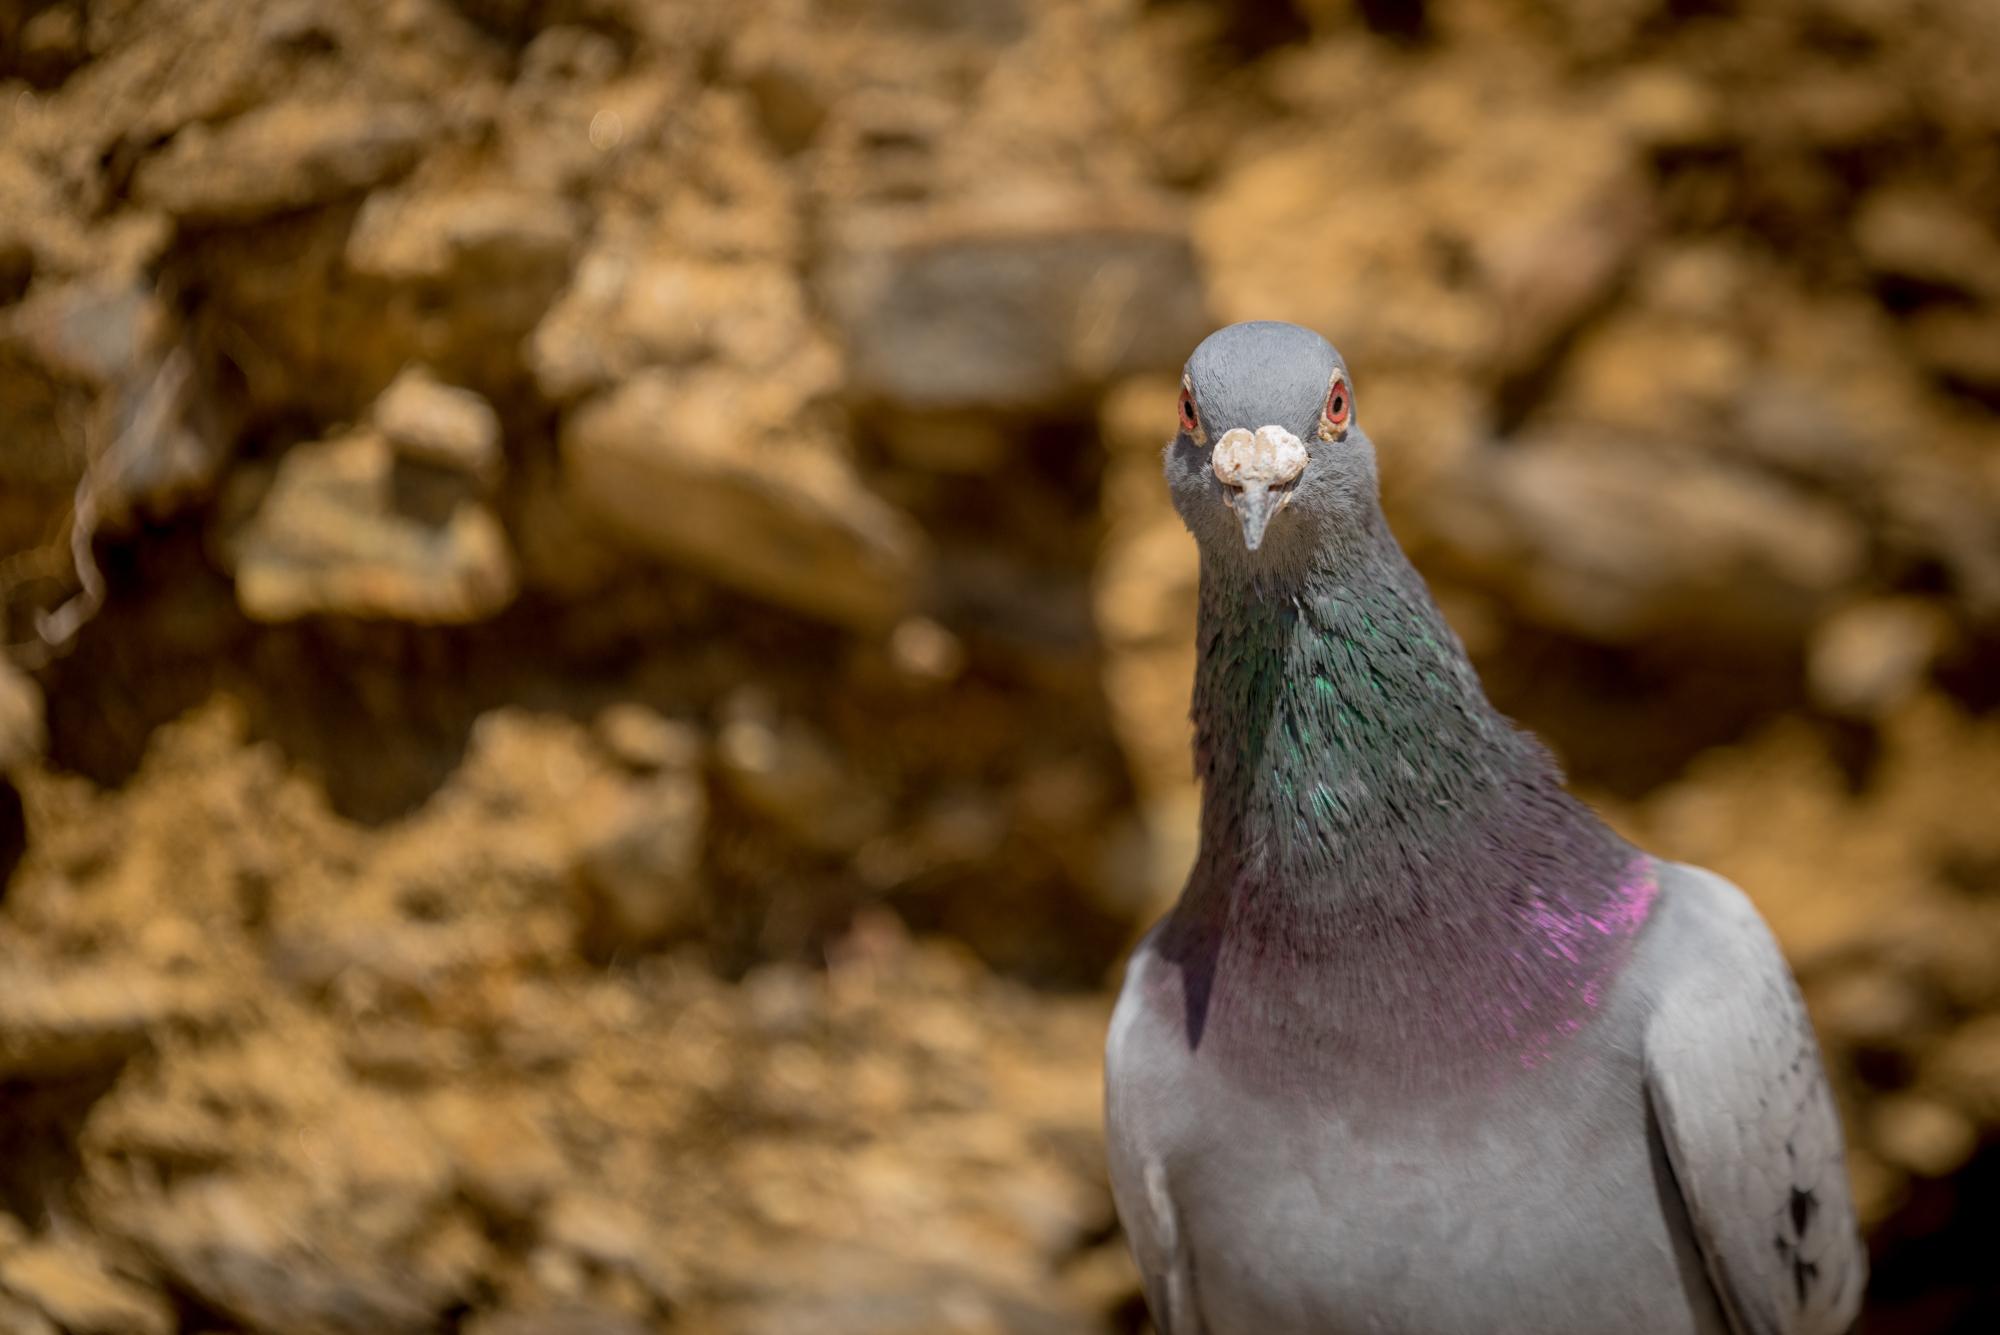 Un pigeon curieux